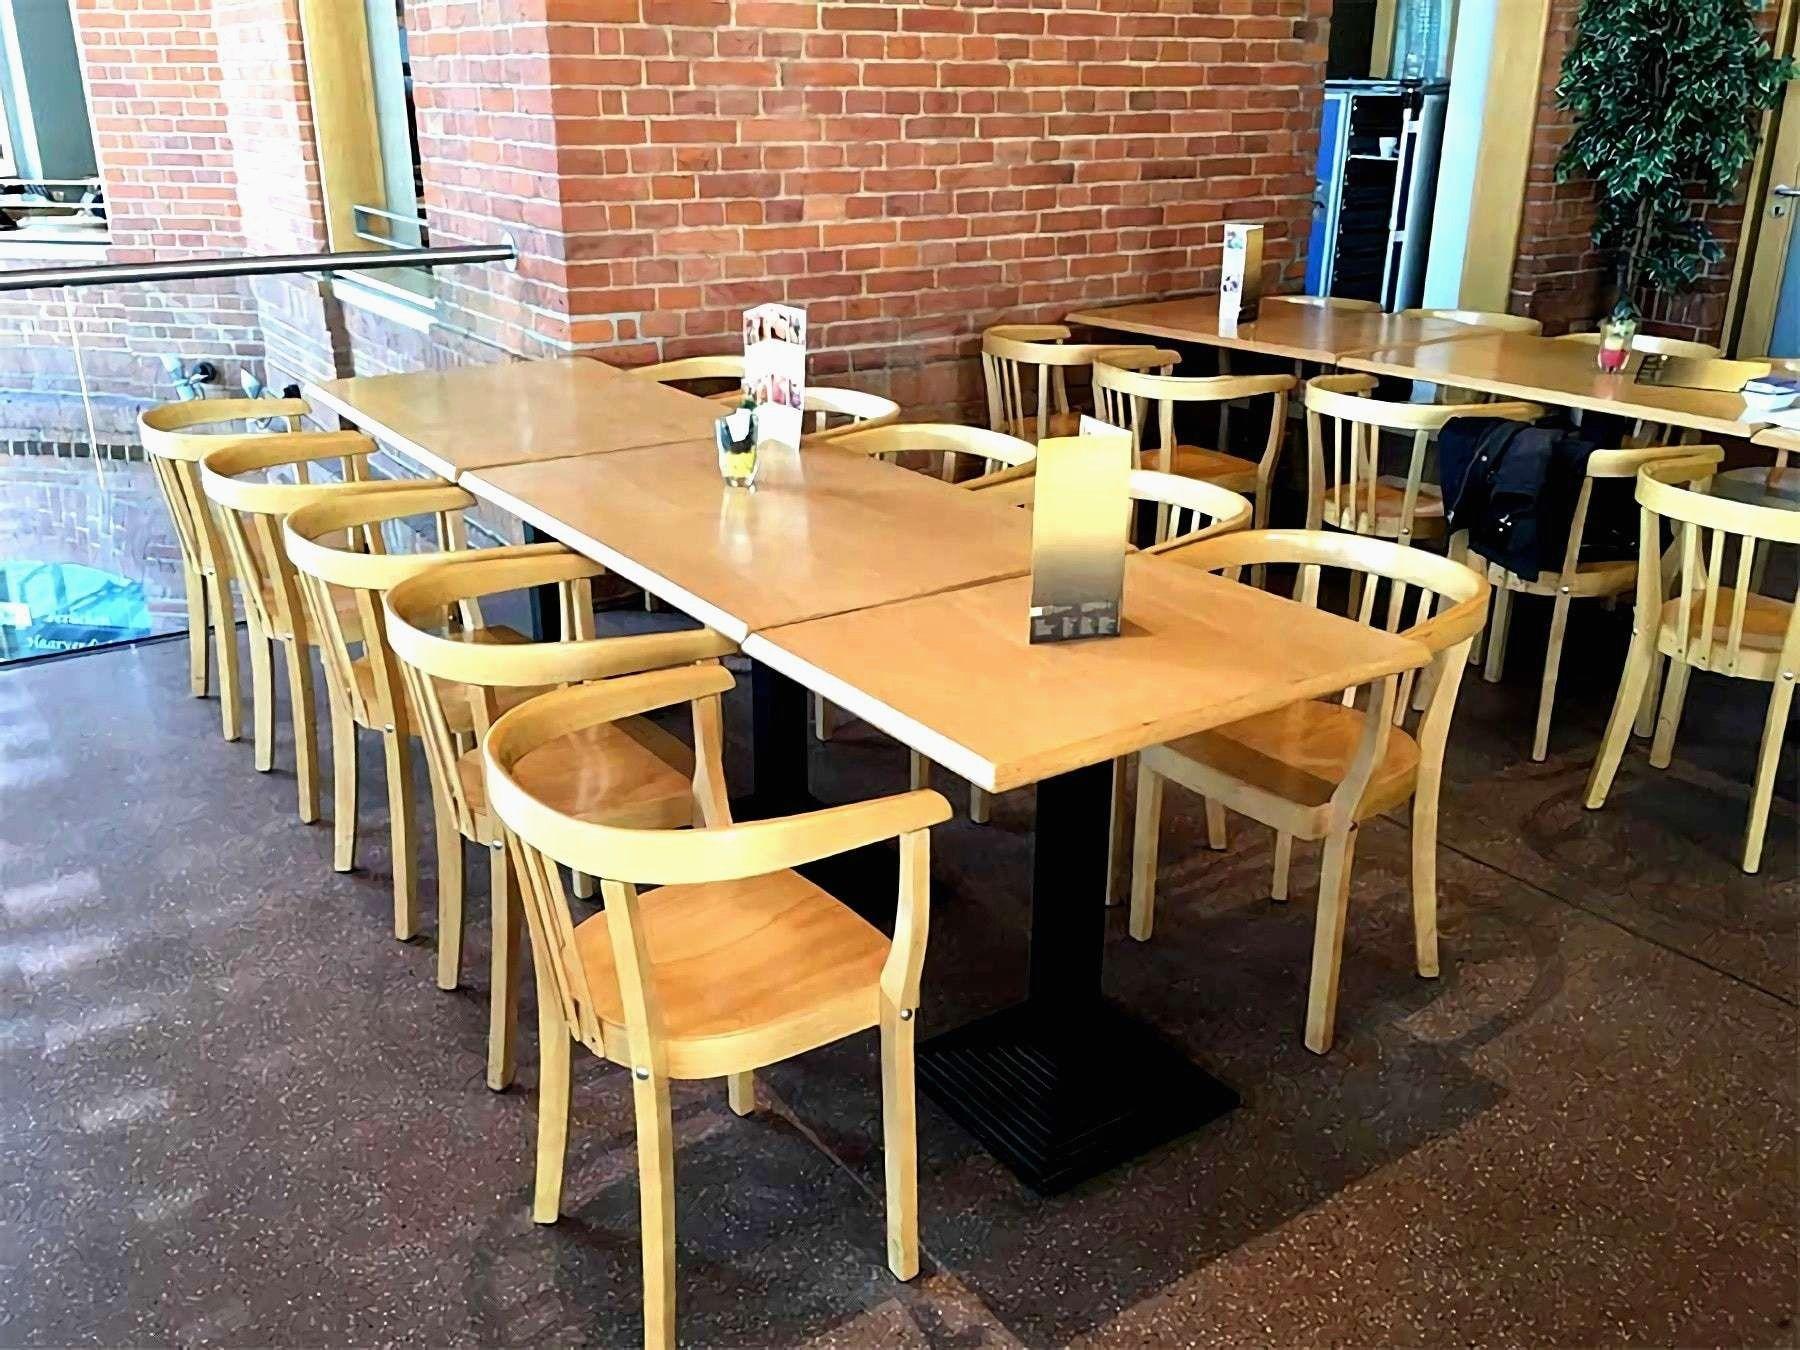 stuehle und tische fuer gastronomie terrasse strahlend treppengelaender verkleiden tbpmindset frisch